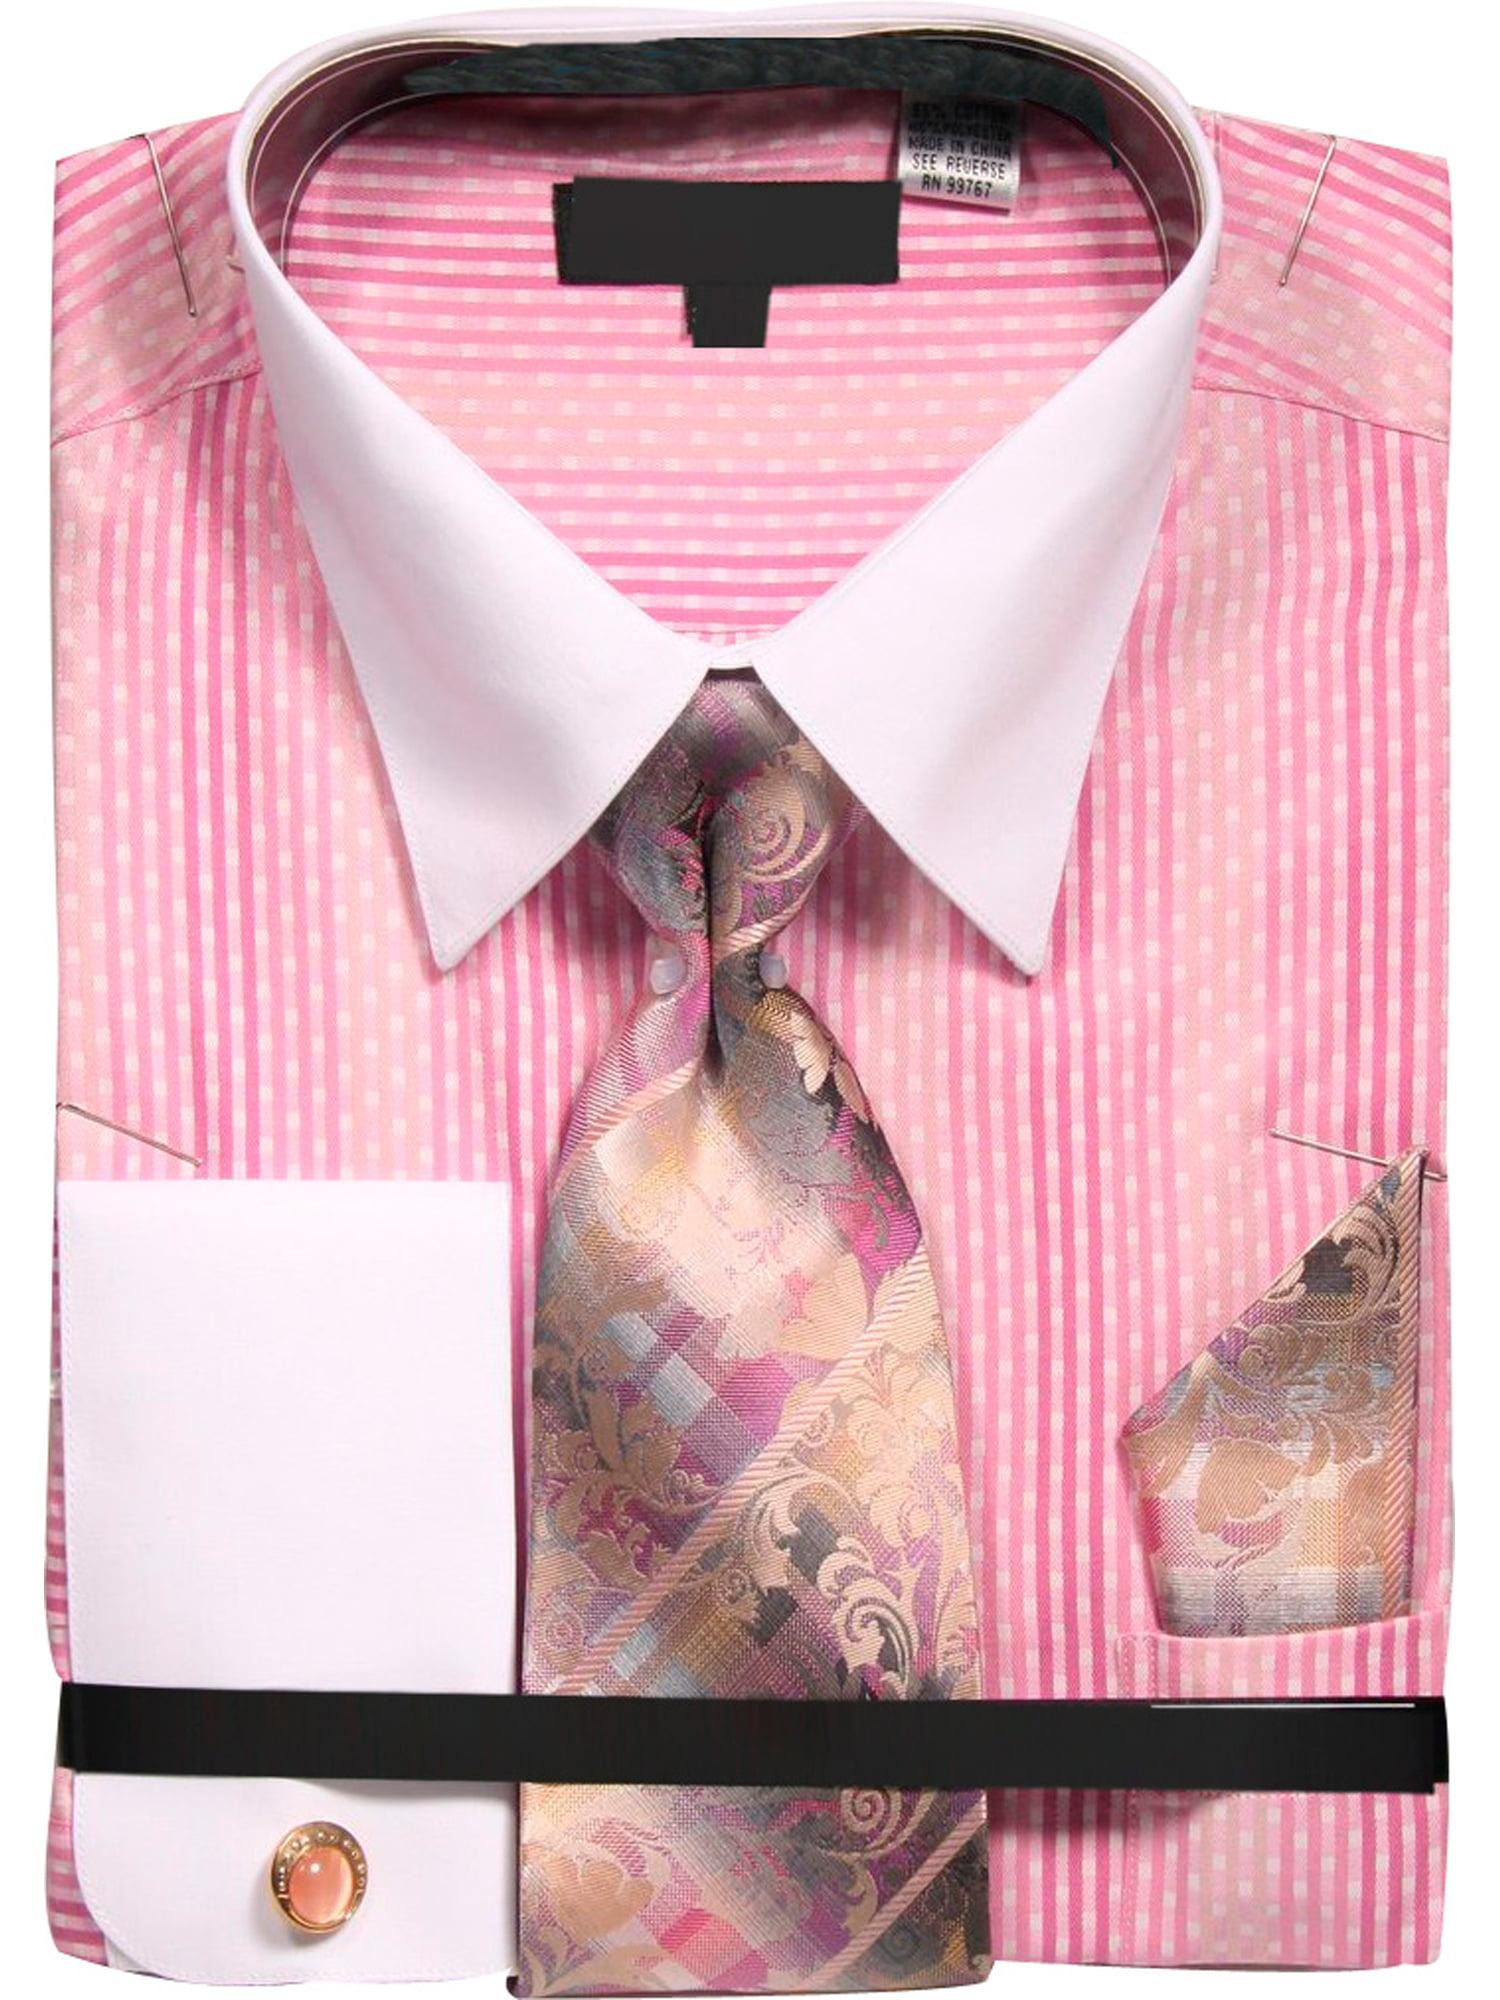 Men's Starburst Pattern Shirt with Tie Handkerchief Cufflinks